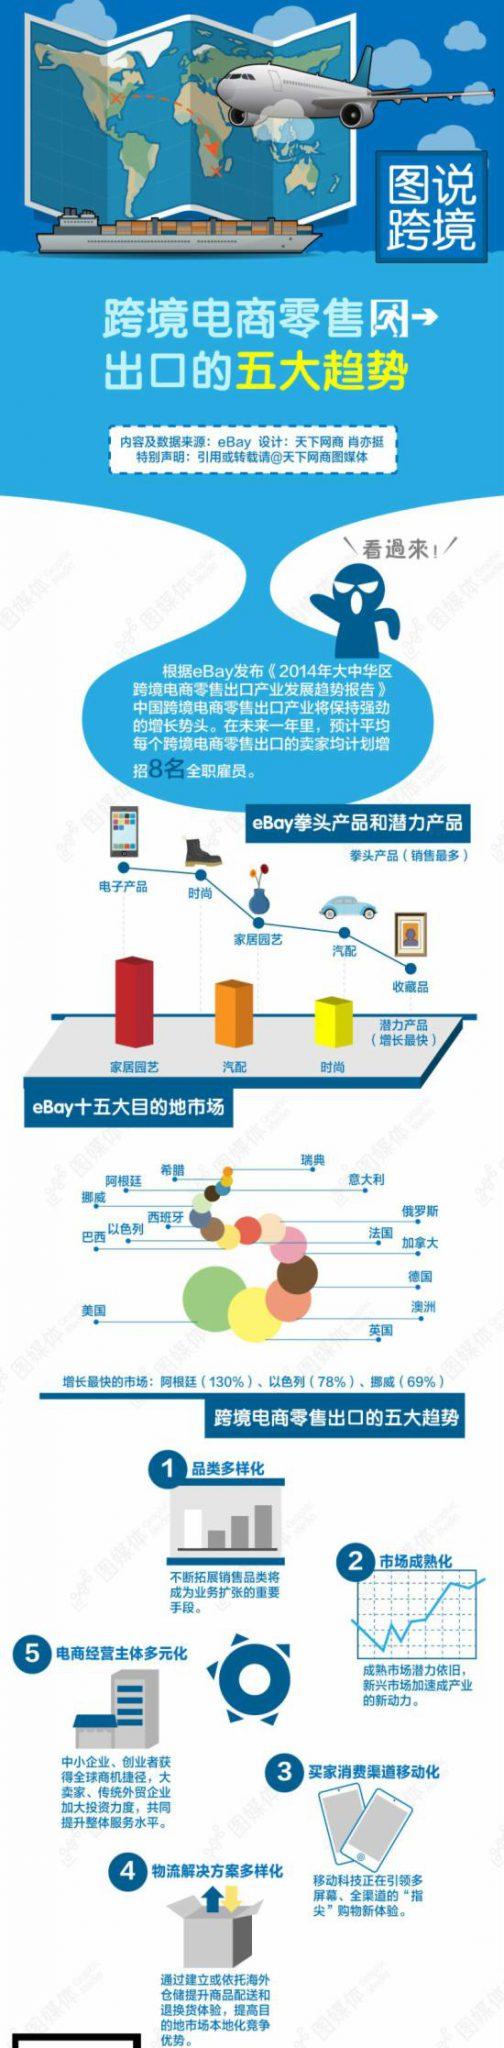 跨境電商零售出口的五大趨勢_infographic